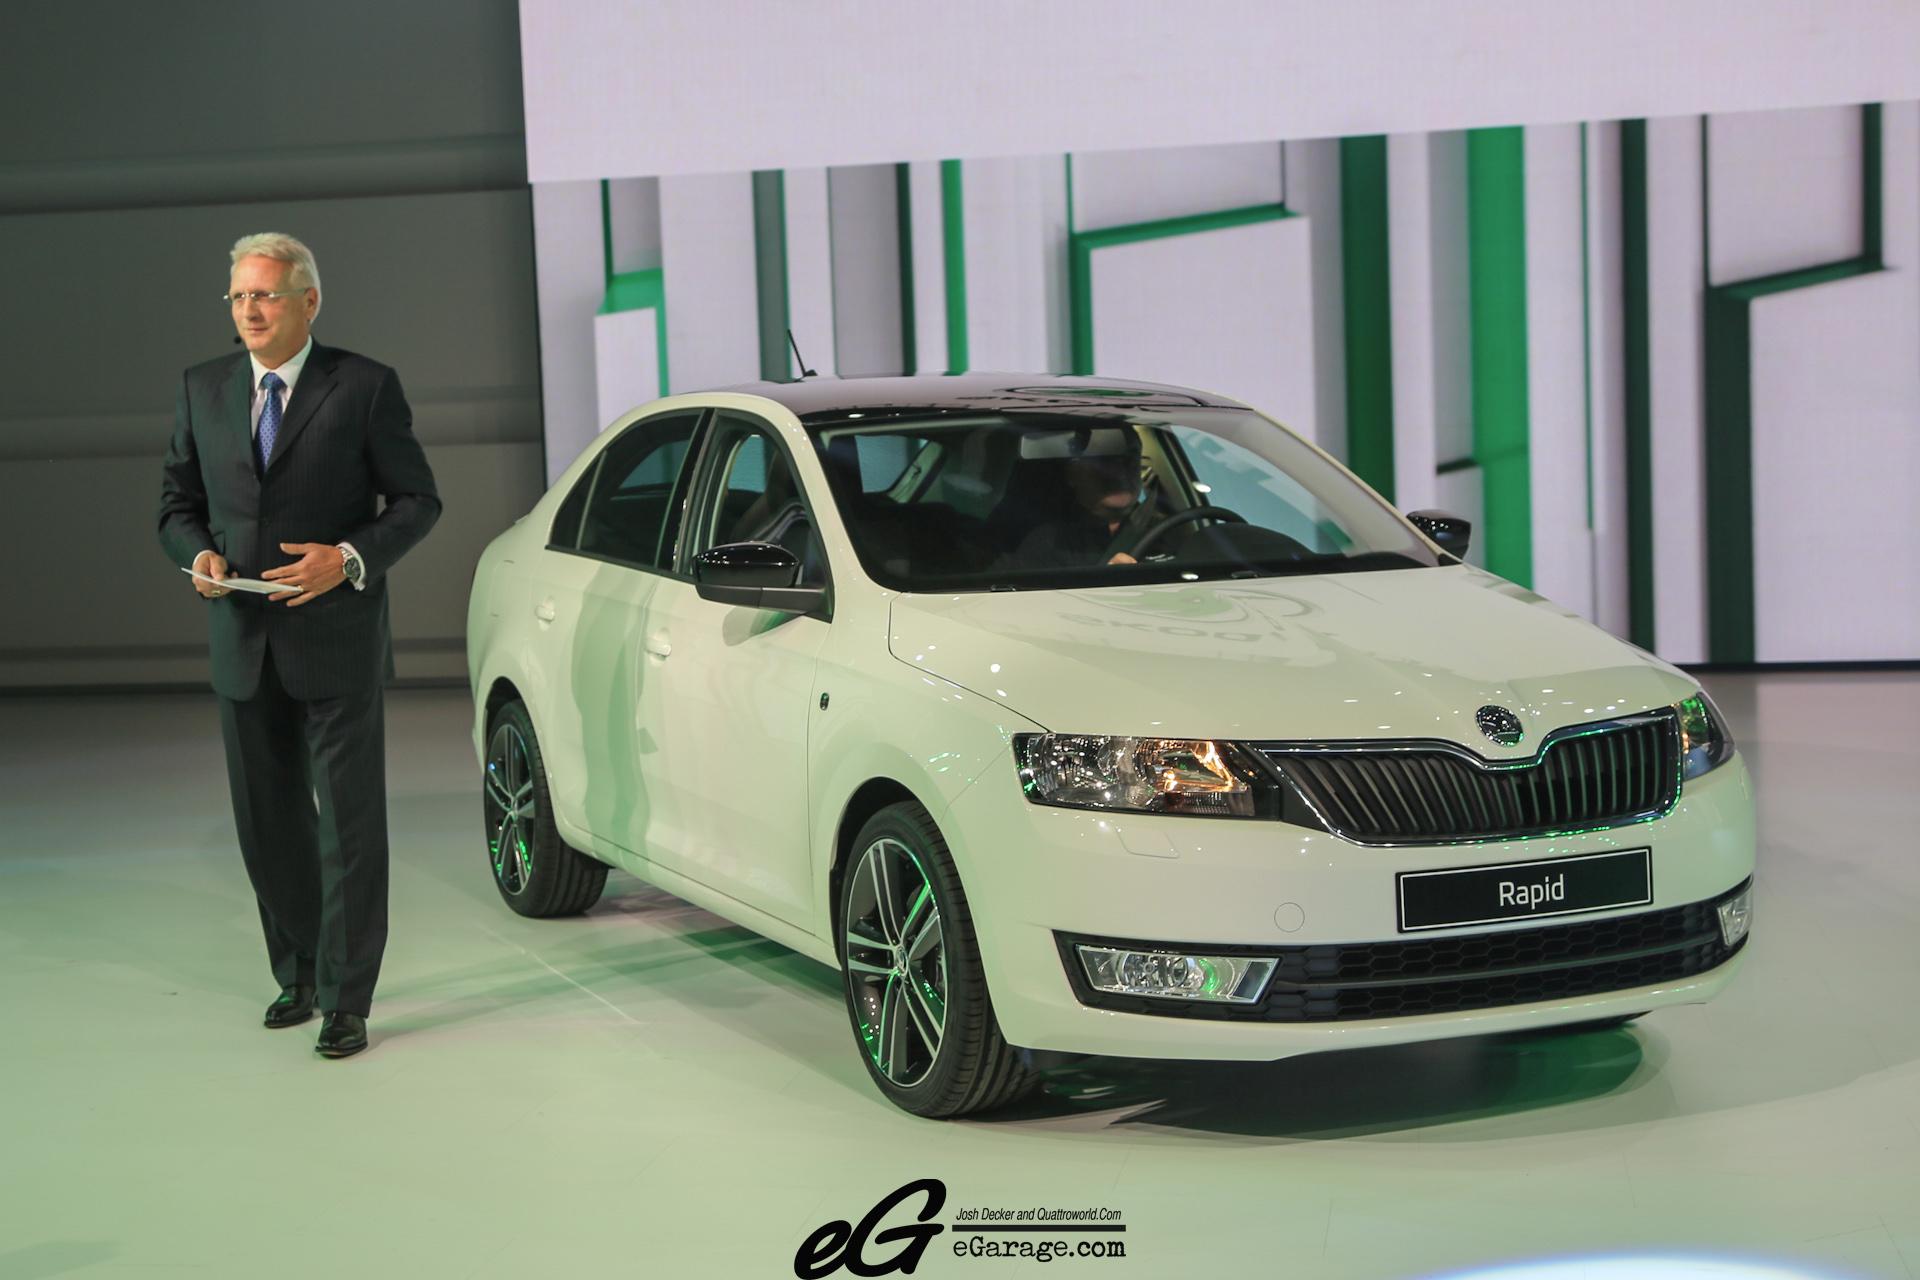 8030384040 c6c162563e o 2012 Paris Motor Show